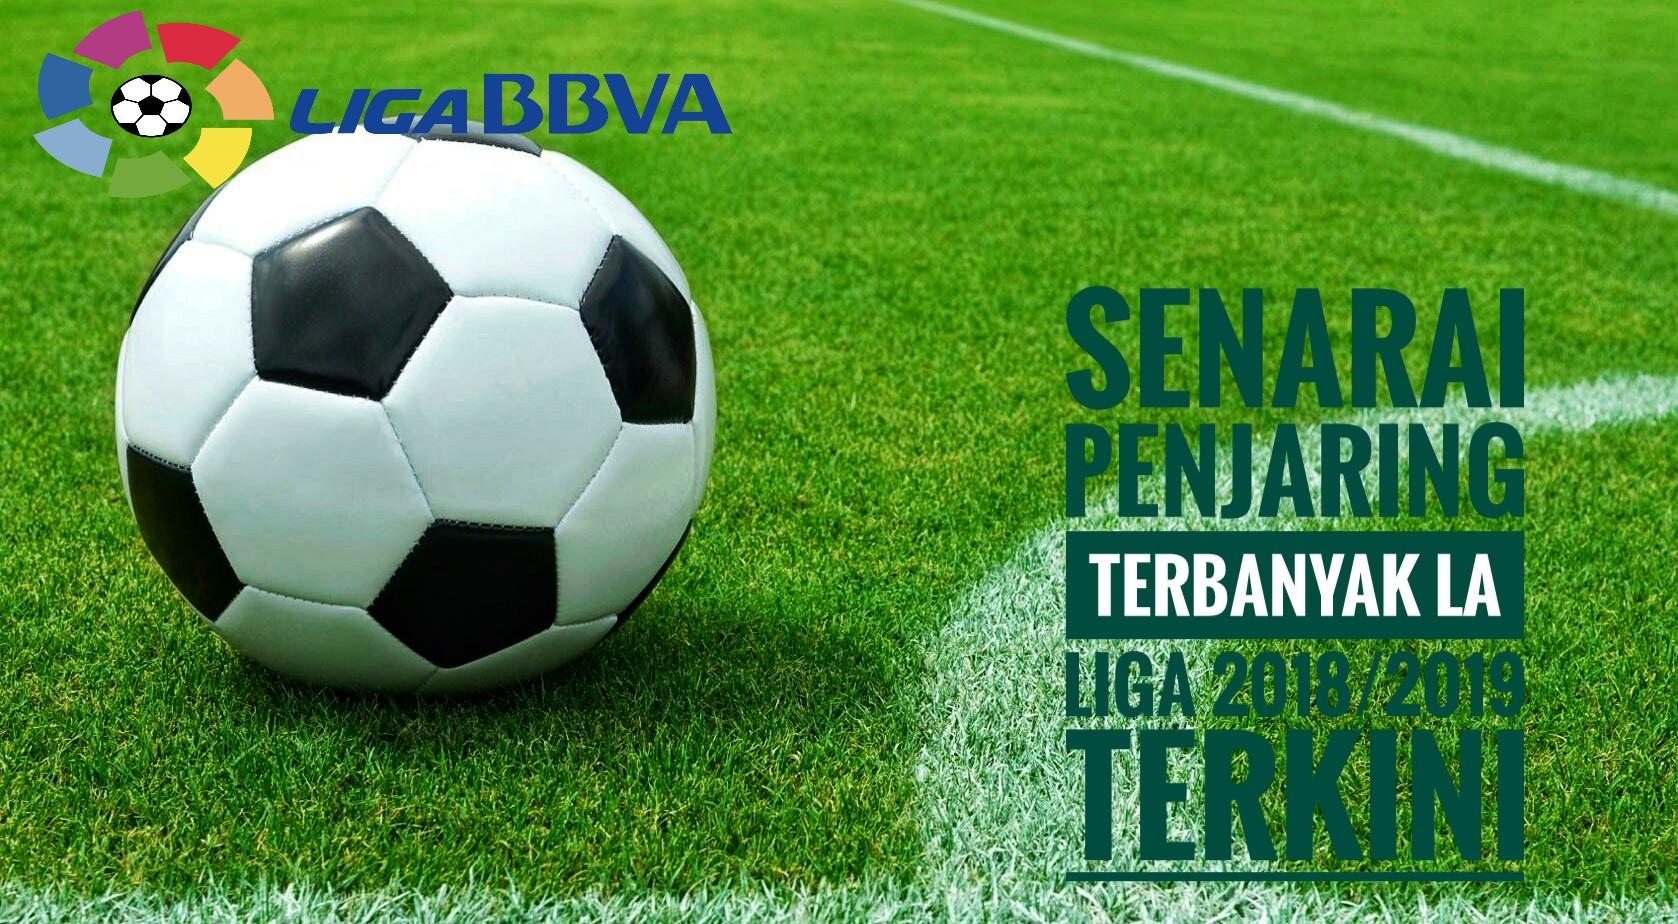 Senarai Penjaring Terbanyak La Liga 2018/2019 Terkini